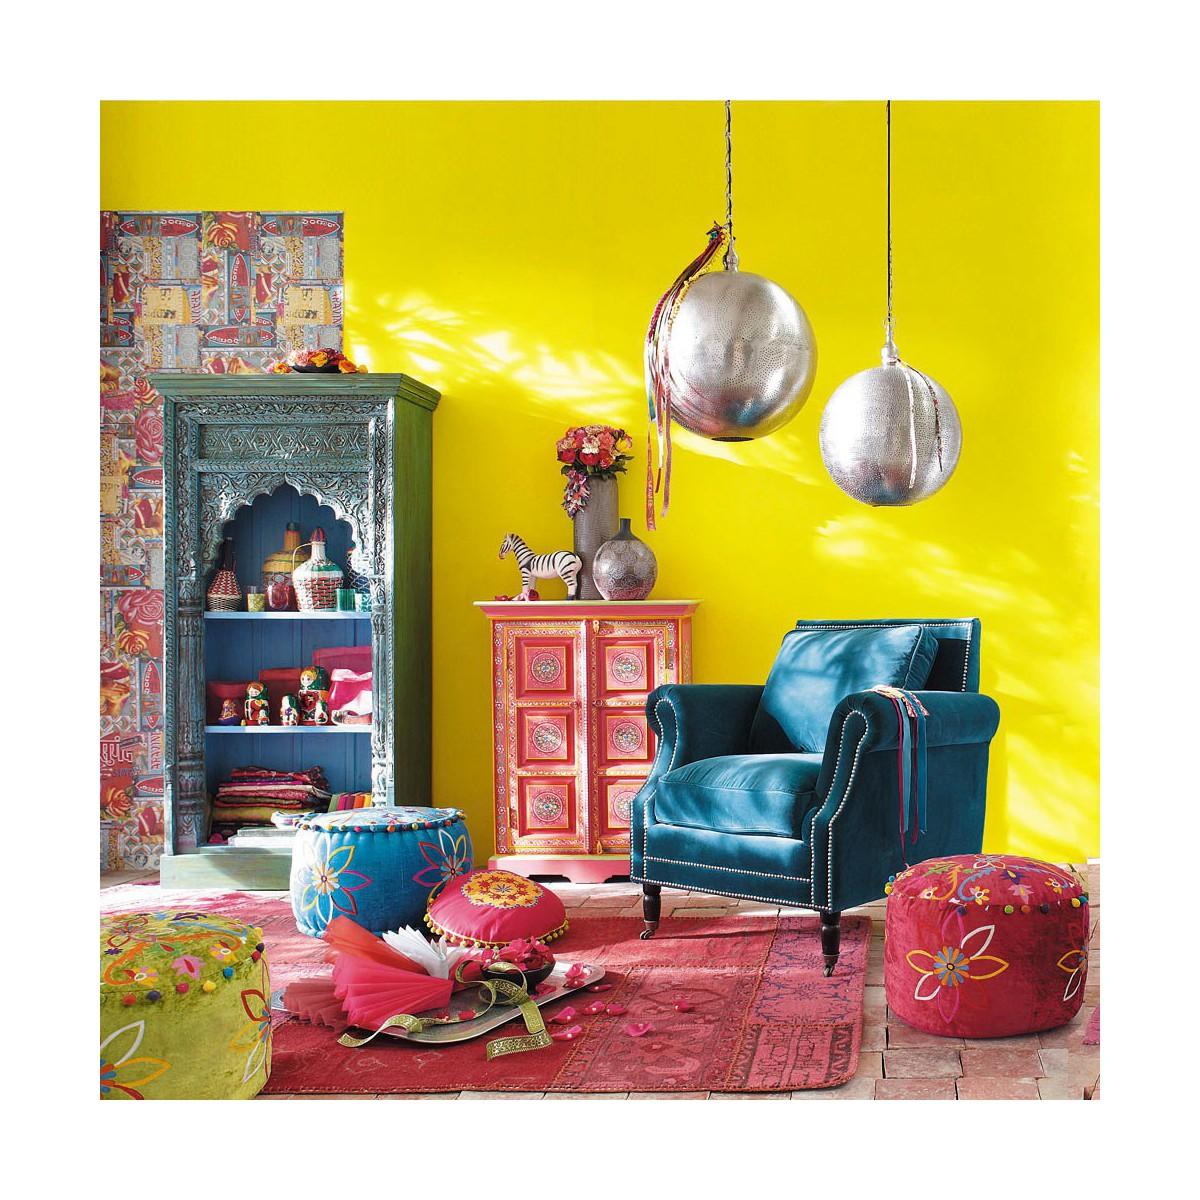 Fauteuil Bleu Canard Maison Du Monde   Maison And Objet Janvier 2015 ...